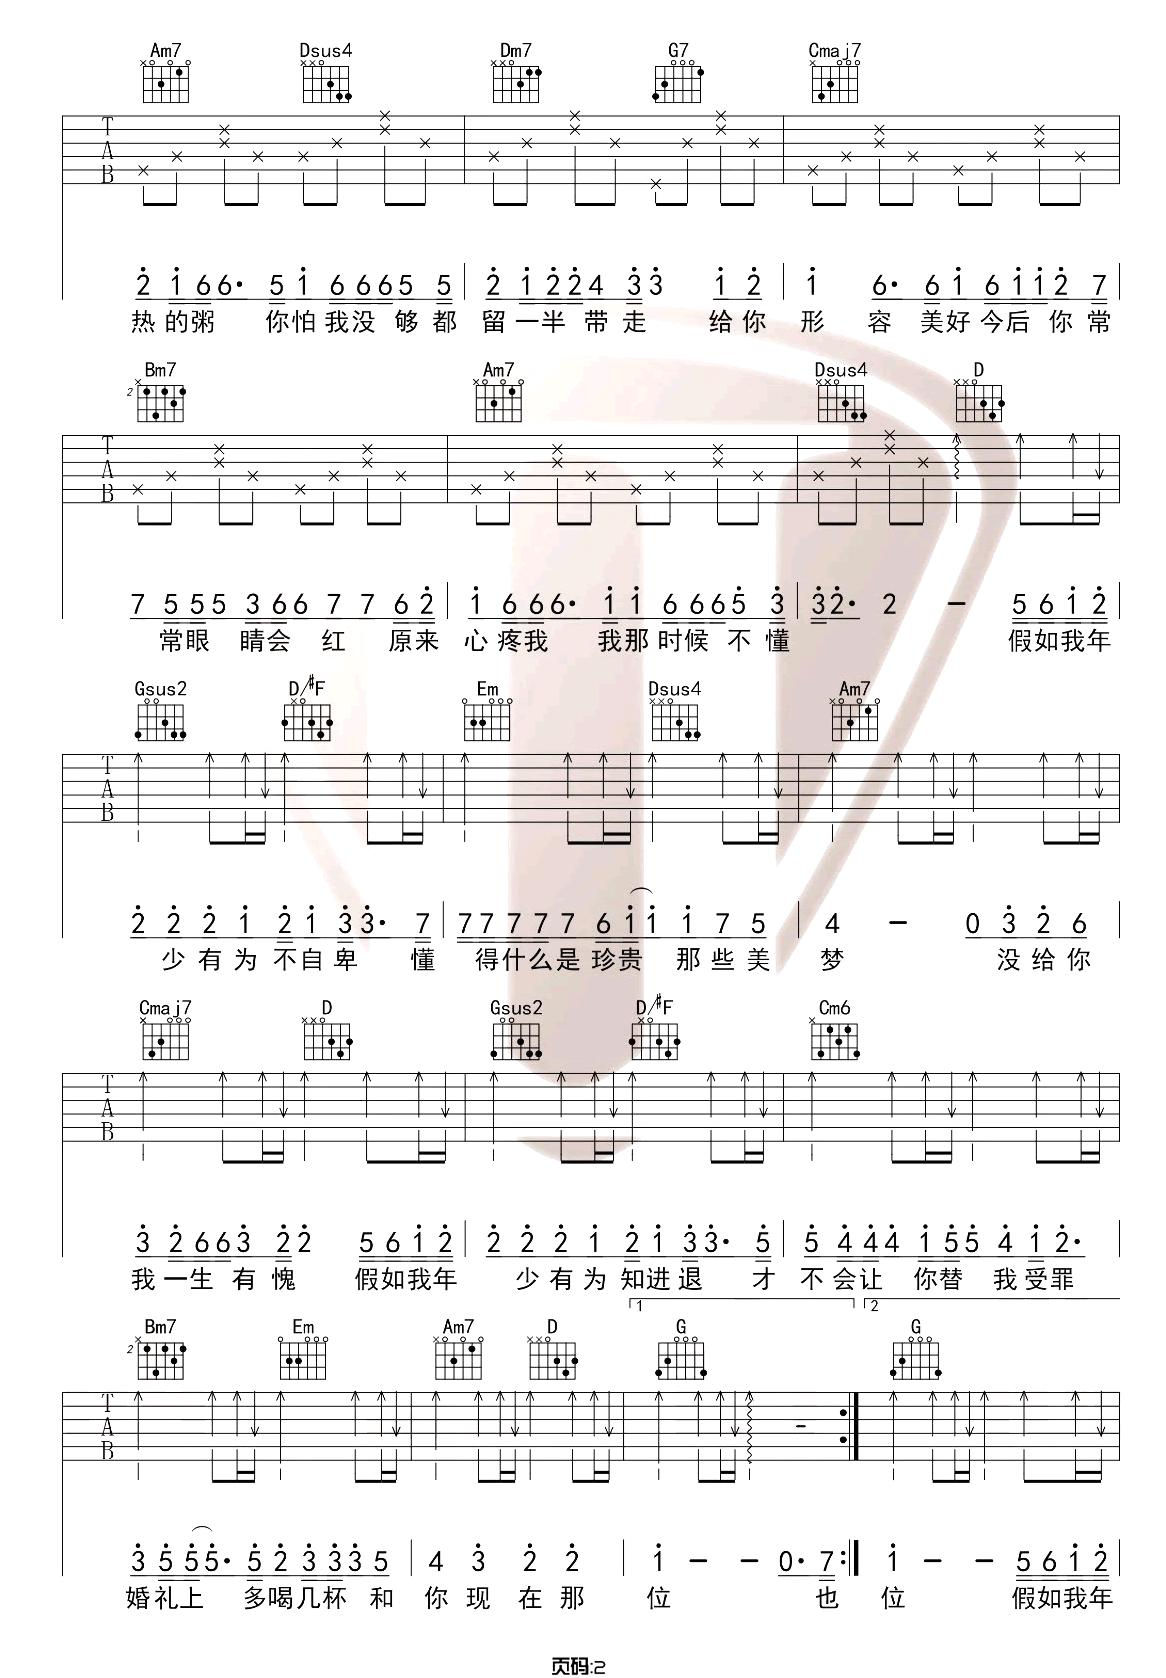 《年少有为》吉他谱_李荣浩_G调原版吉他弹唱六线谱_高清图片谱2